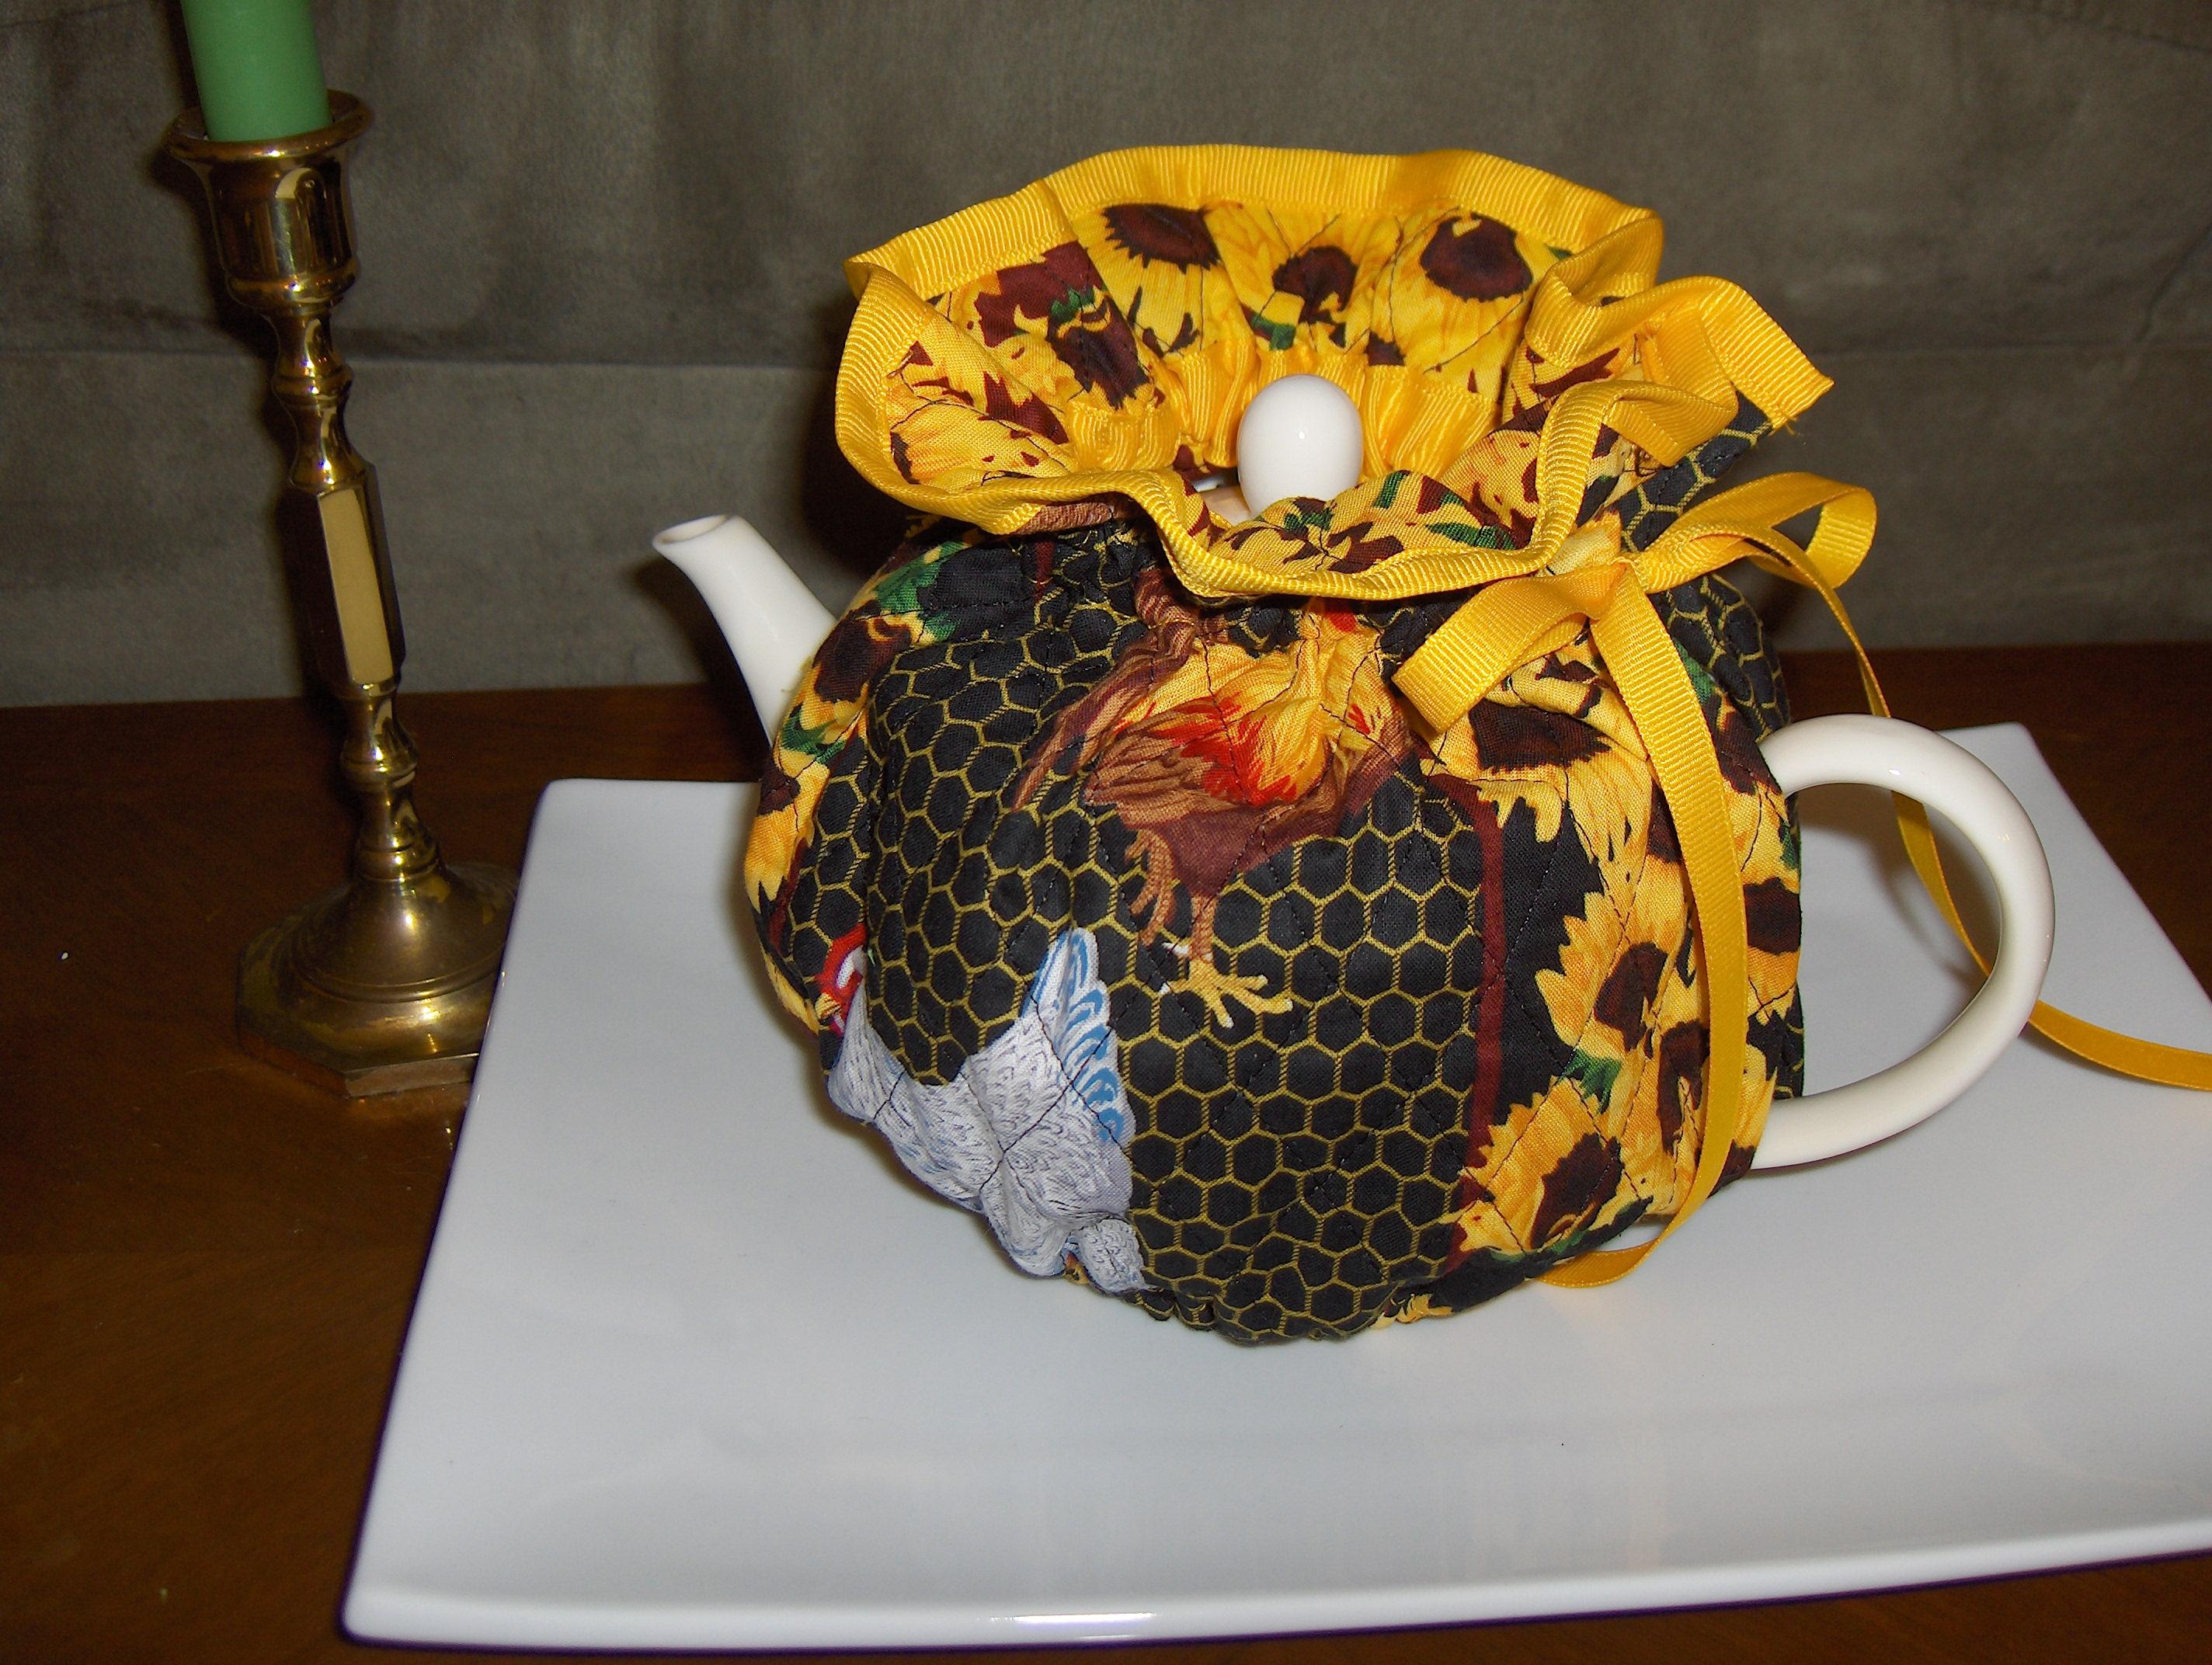 Making a 'Tea Cosy'